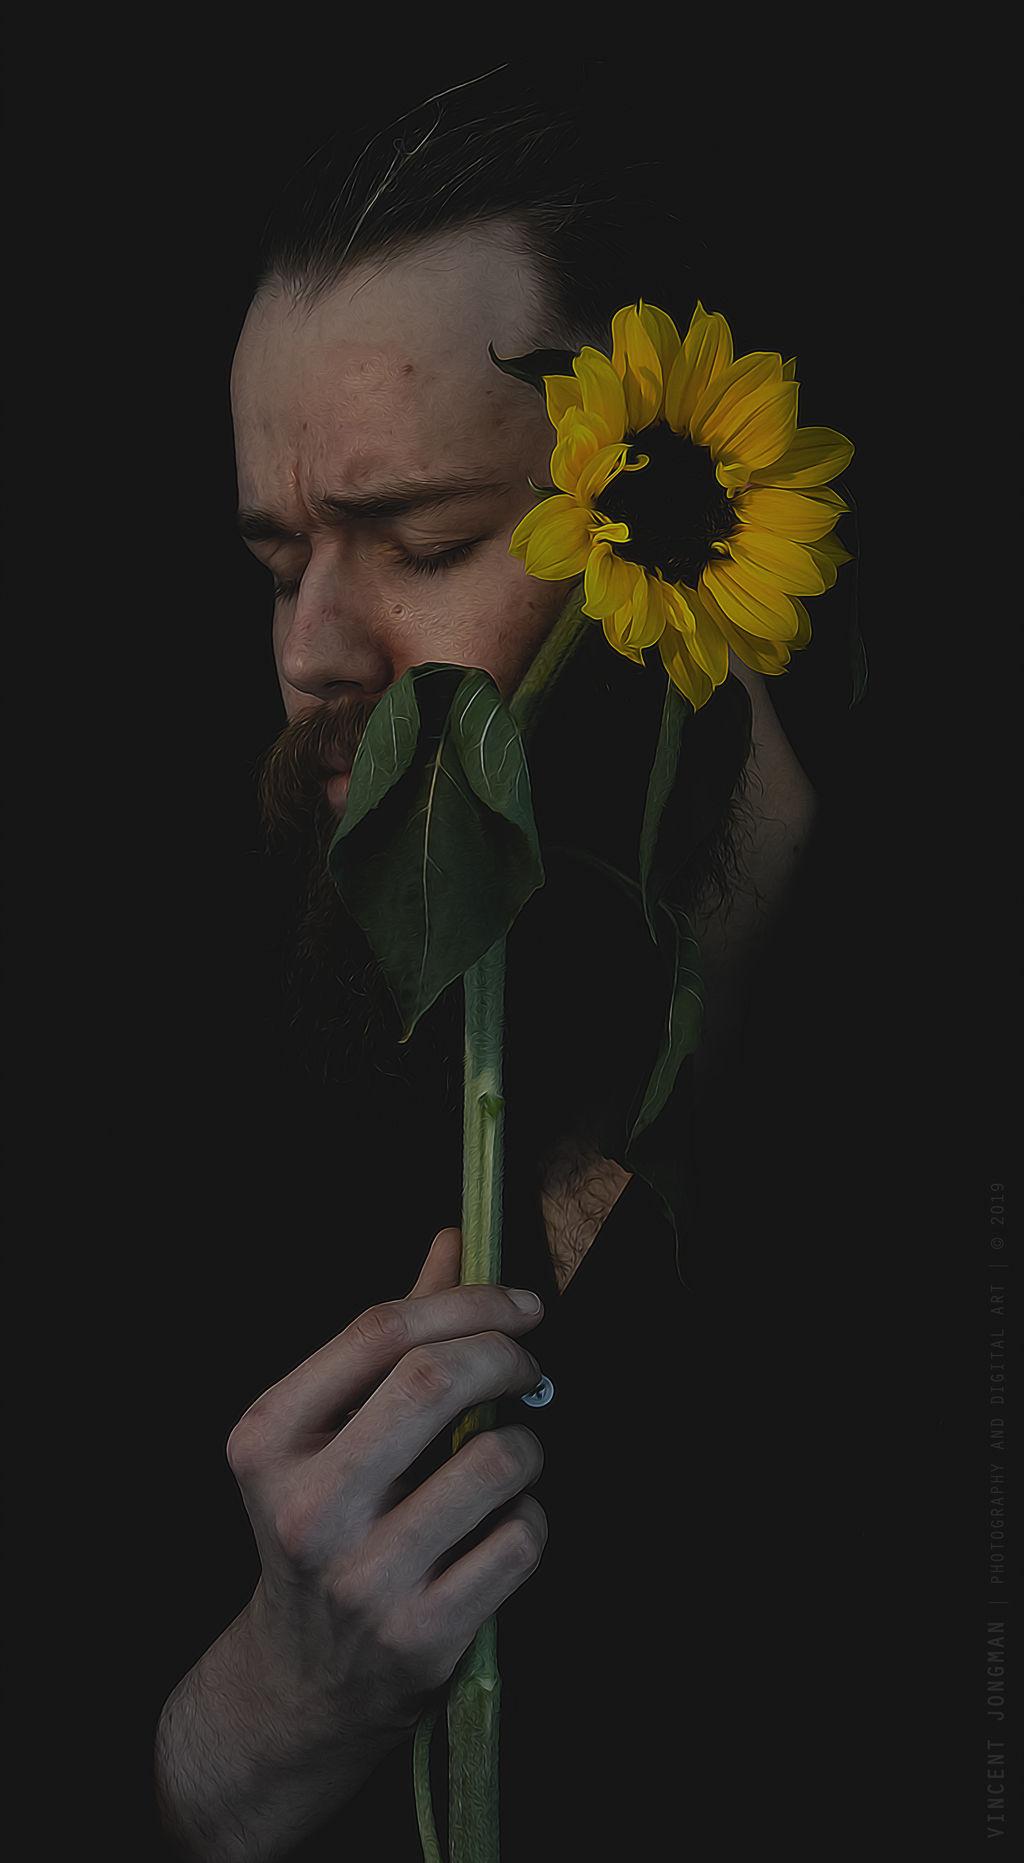 Ode - van Gogh